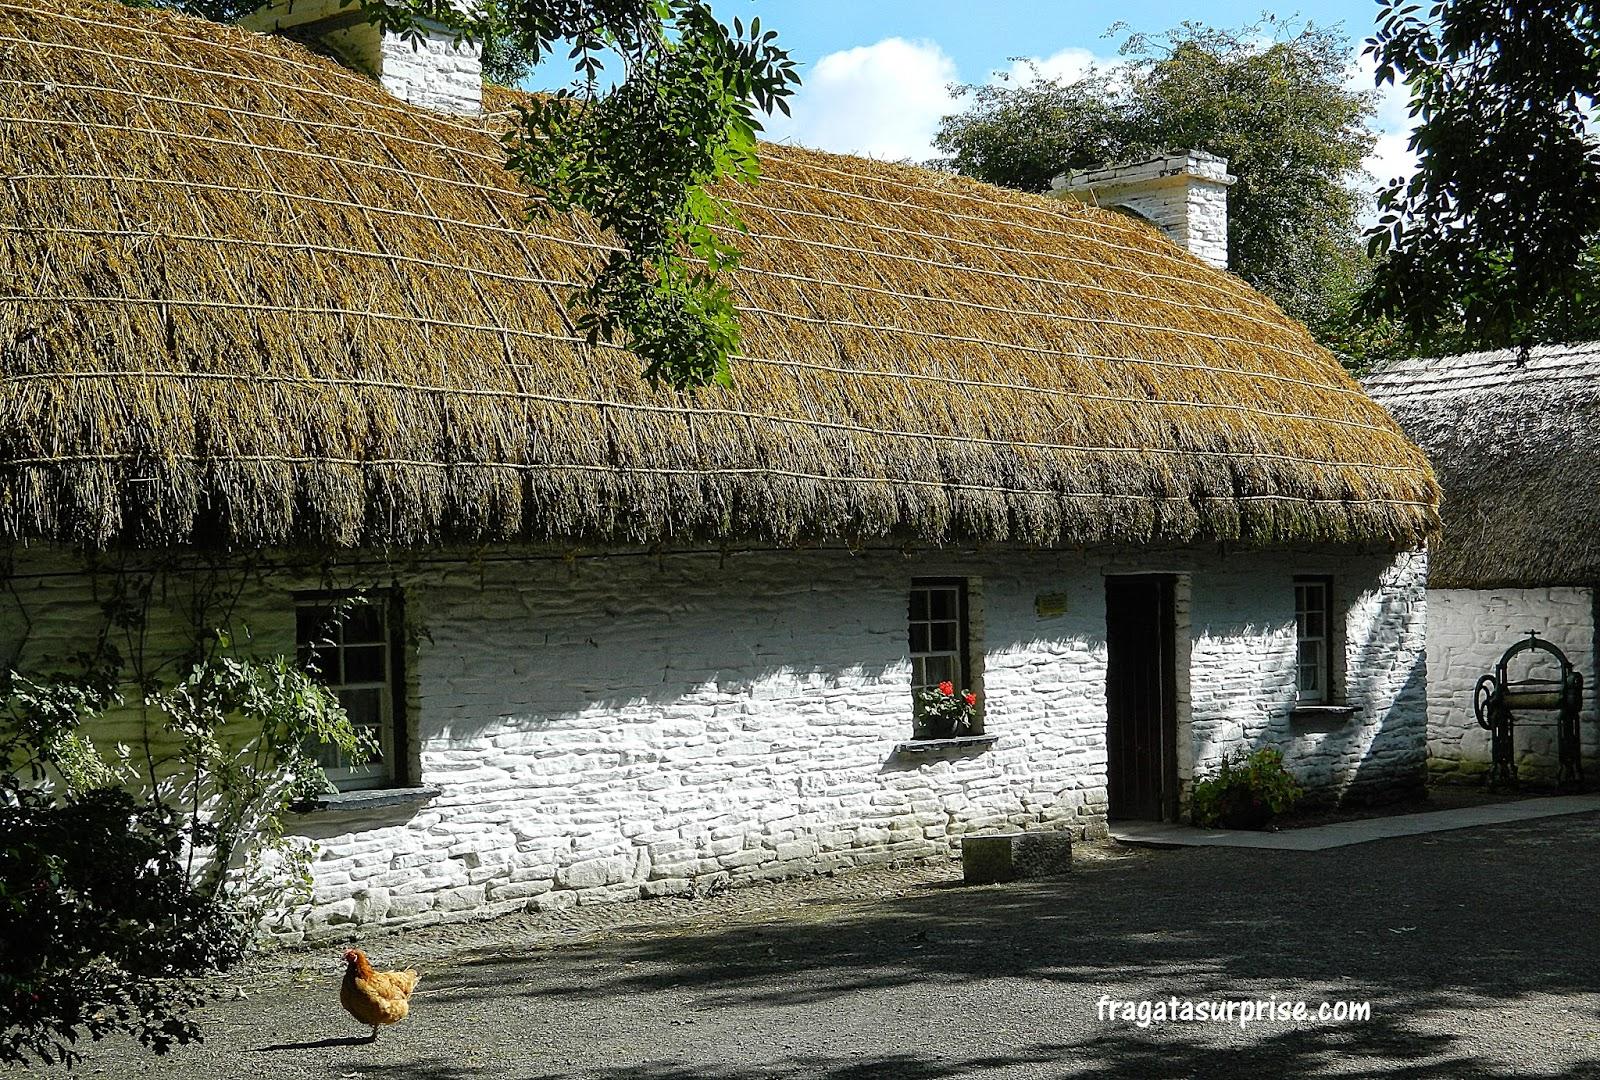 Típico telhado de palha das Ilhas Britânicas (thatched roof), no Folk Park do Castelo de Bunratty, em  Limerick, Irlanda